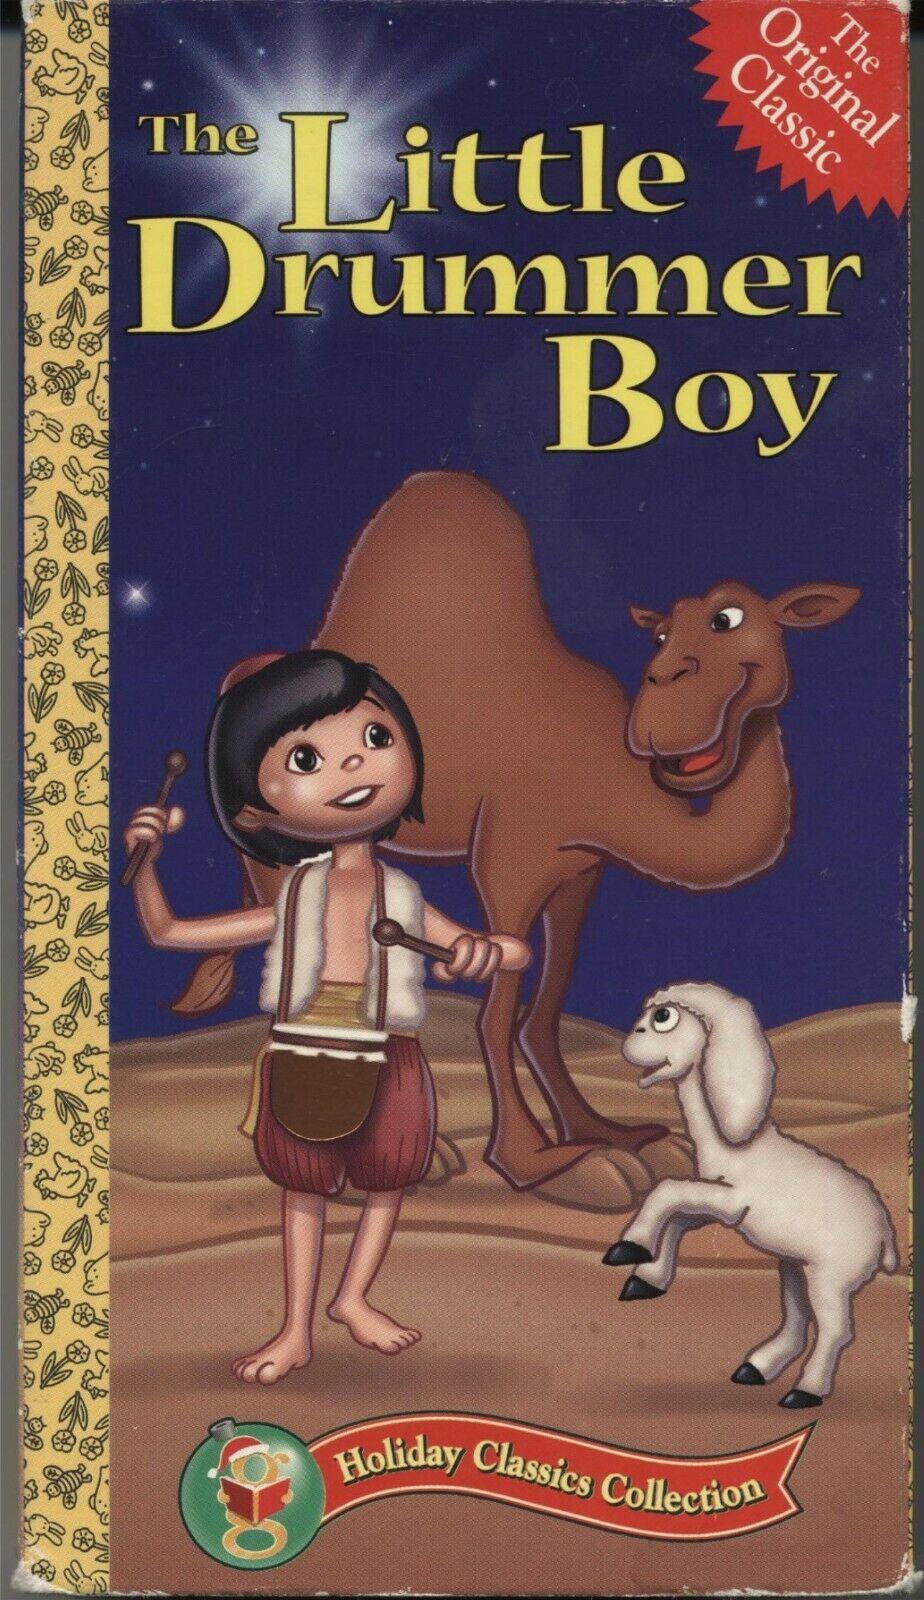 The Little Drummer Boy (Golden Books Family Entertainment)